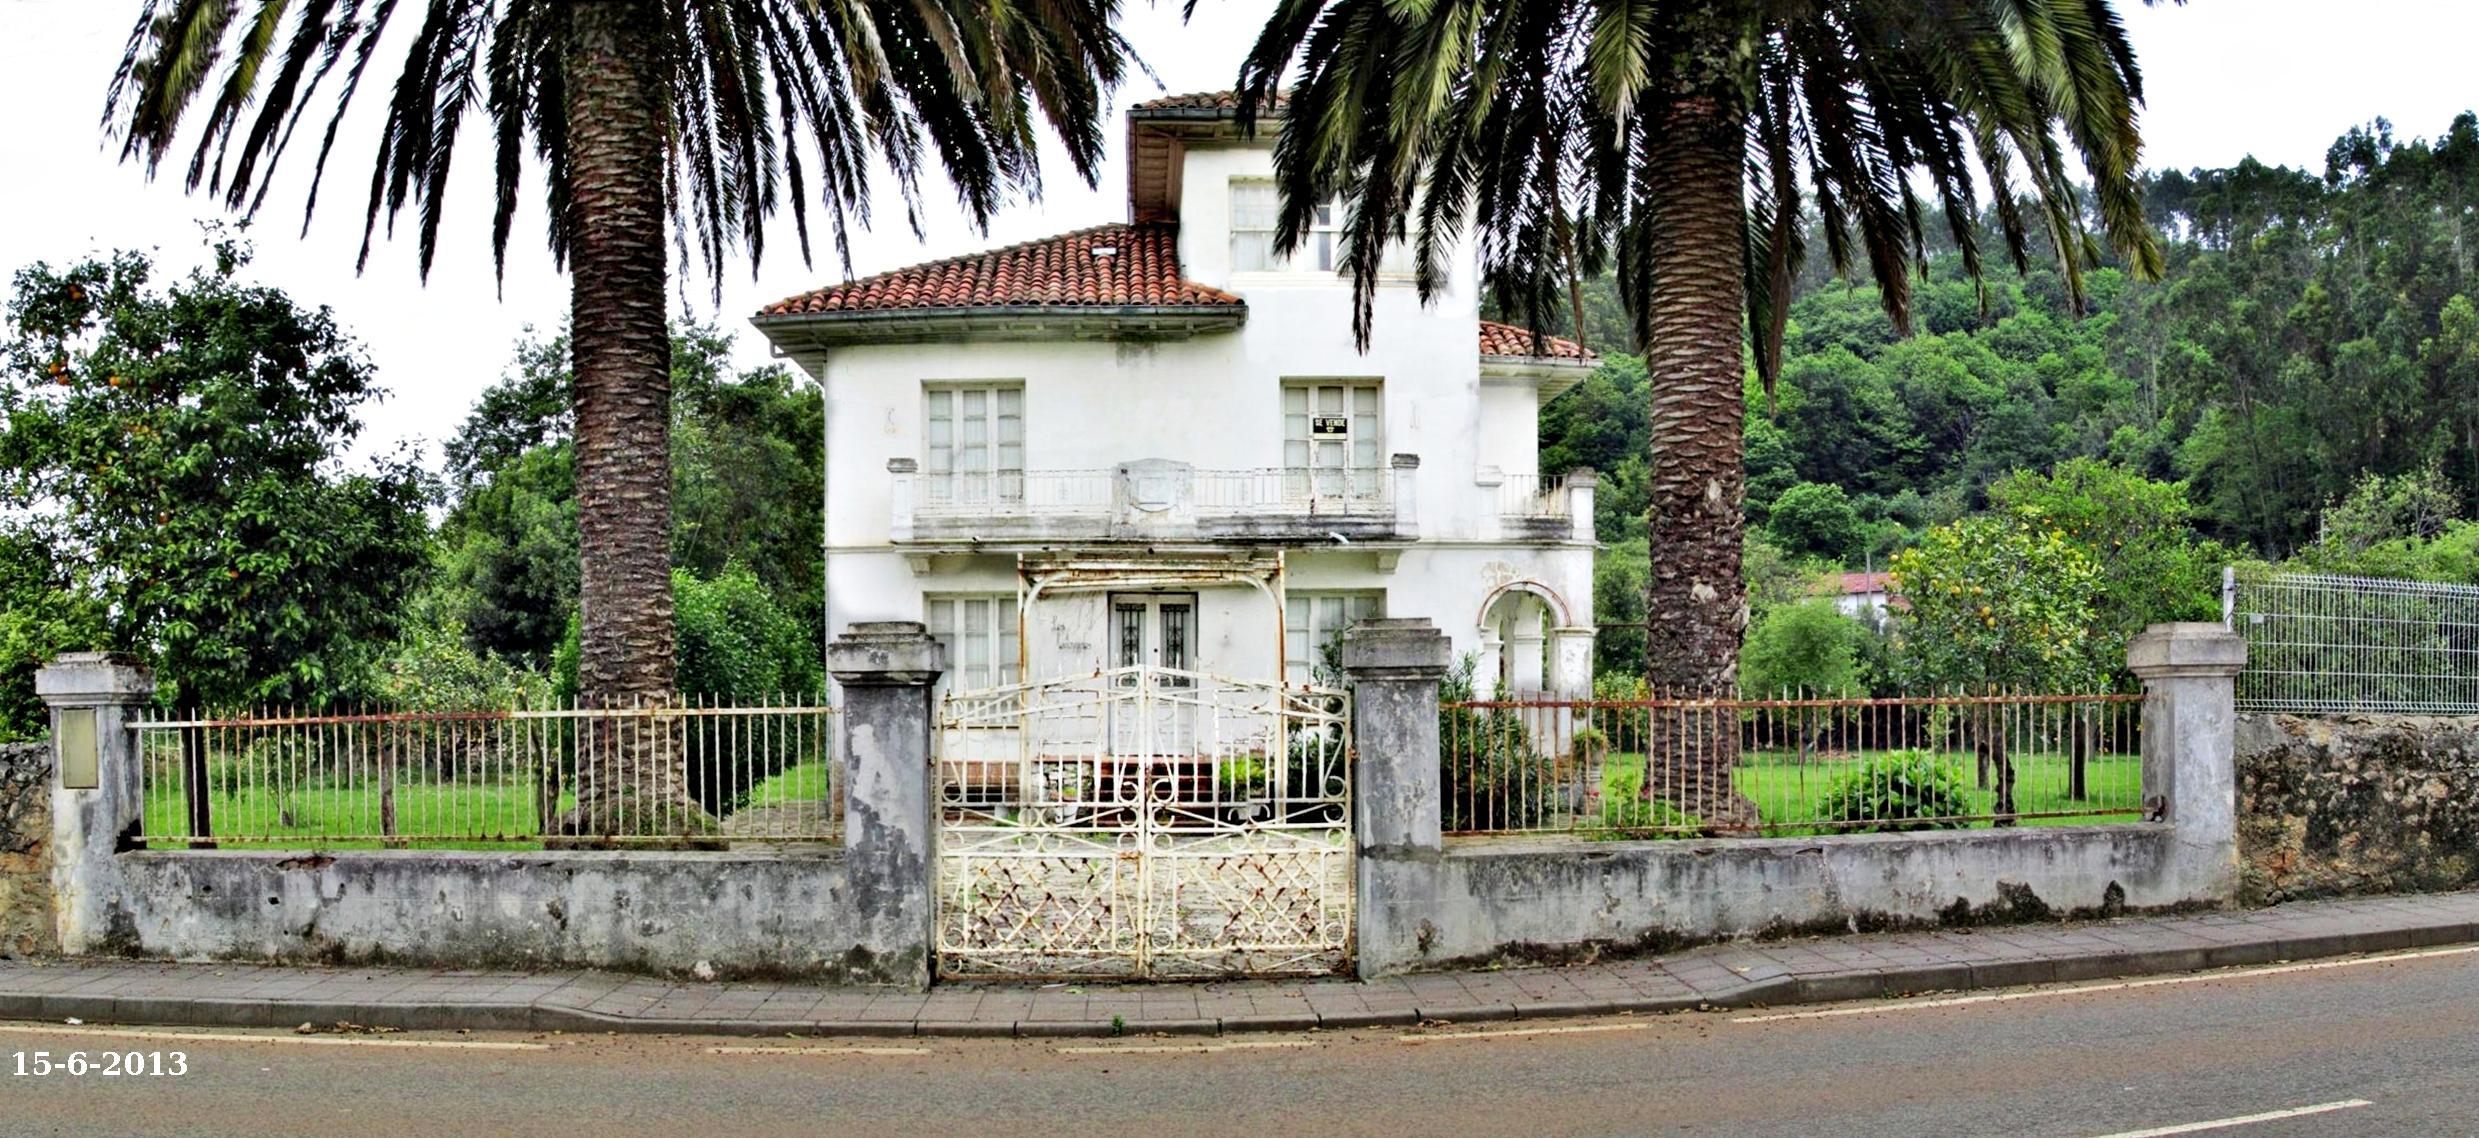 Novales casa antigua fotos de pueblos de cantabria - Casas de pueblo en cantabria ...